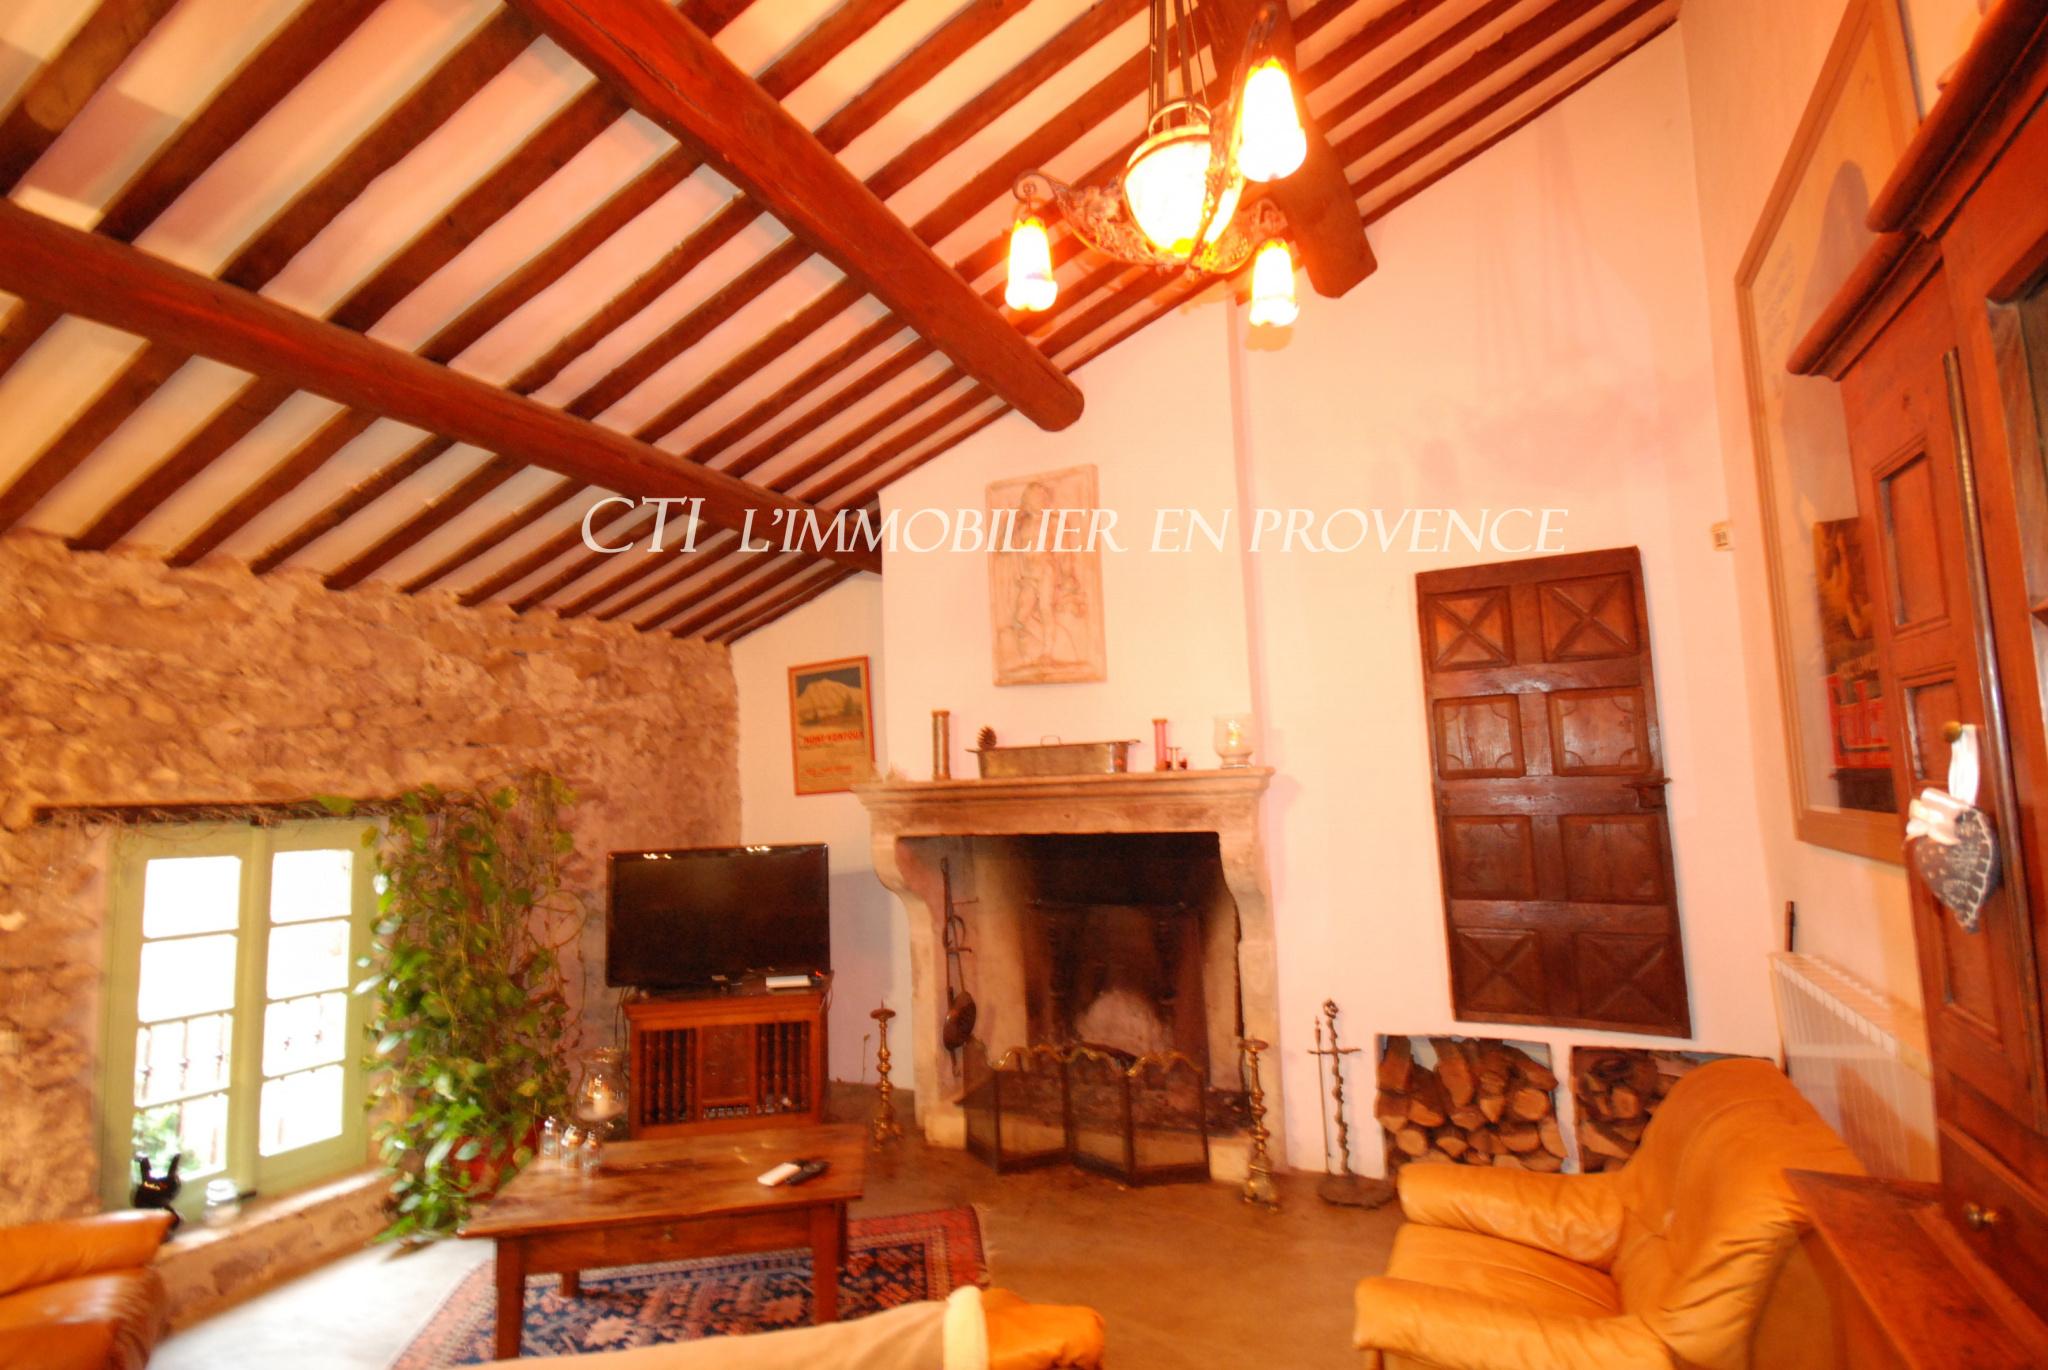 0 www.cti-provence.net, ancien corps de ferme restauré, charme, terrain avec vieux bassin